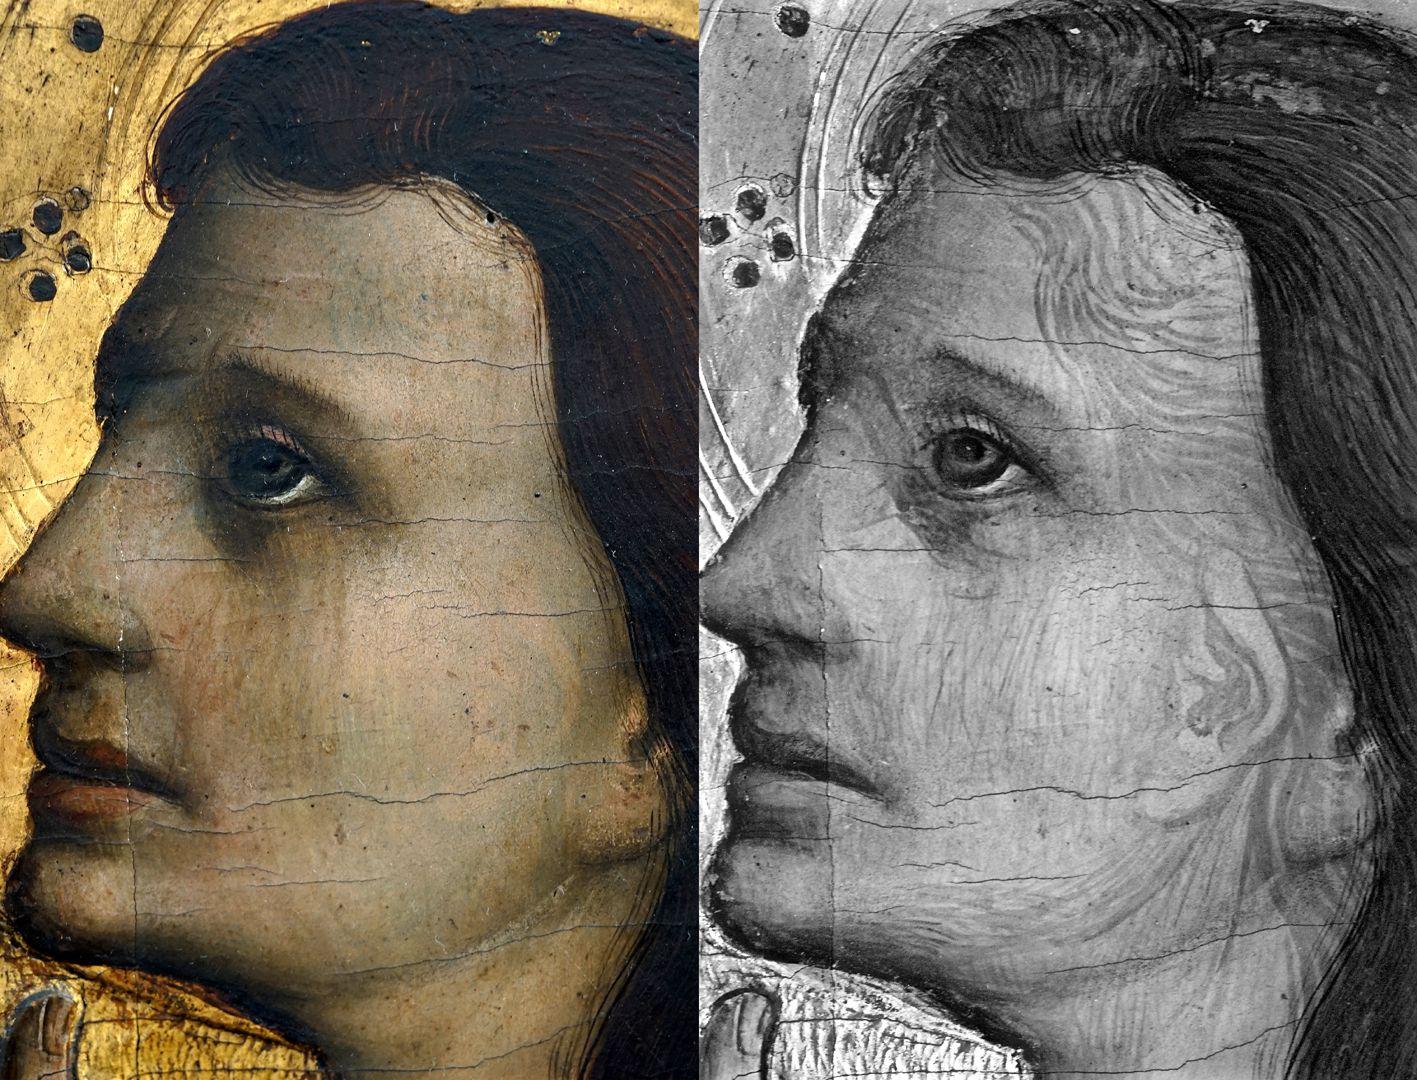 Tucheraltar Mitteltafel, Kopf des Johannes, durch Infrarotreflektographie ersichtliche Vorzeichnung